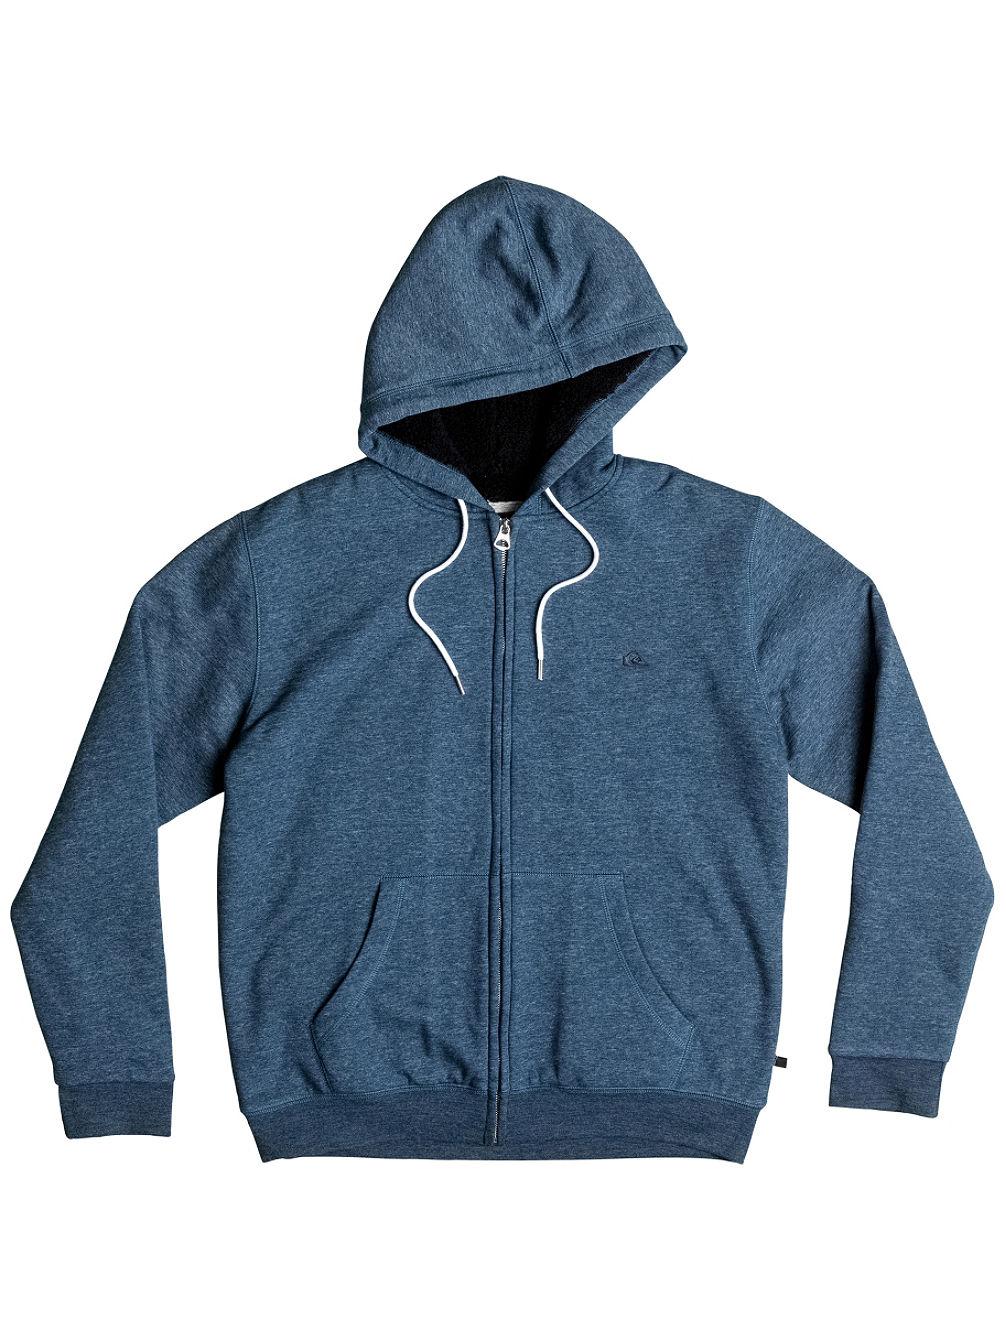 epic-outback-sherpa-zip-hoodie